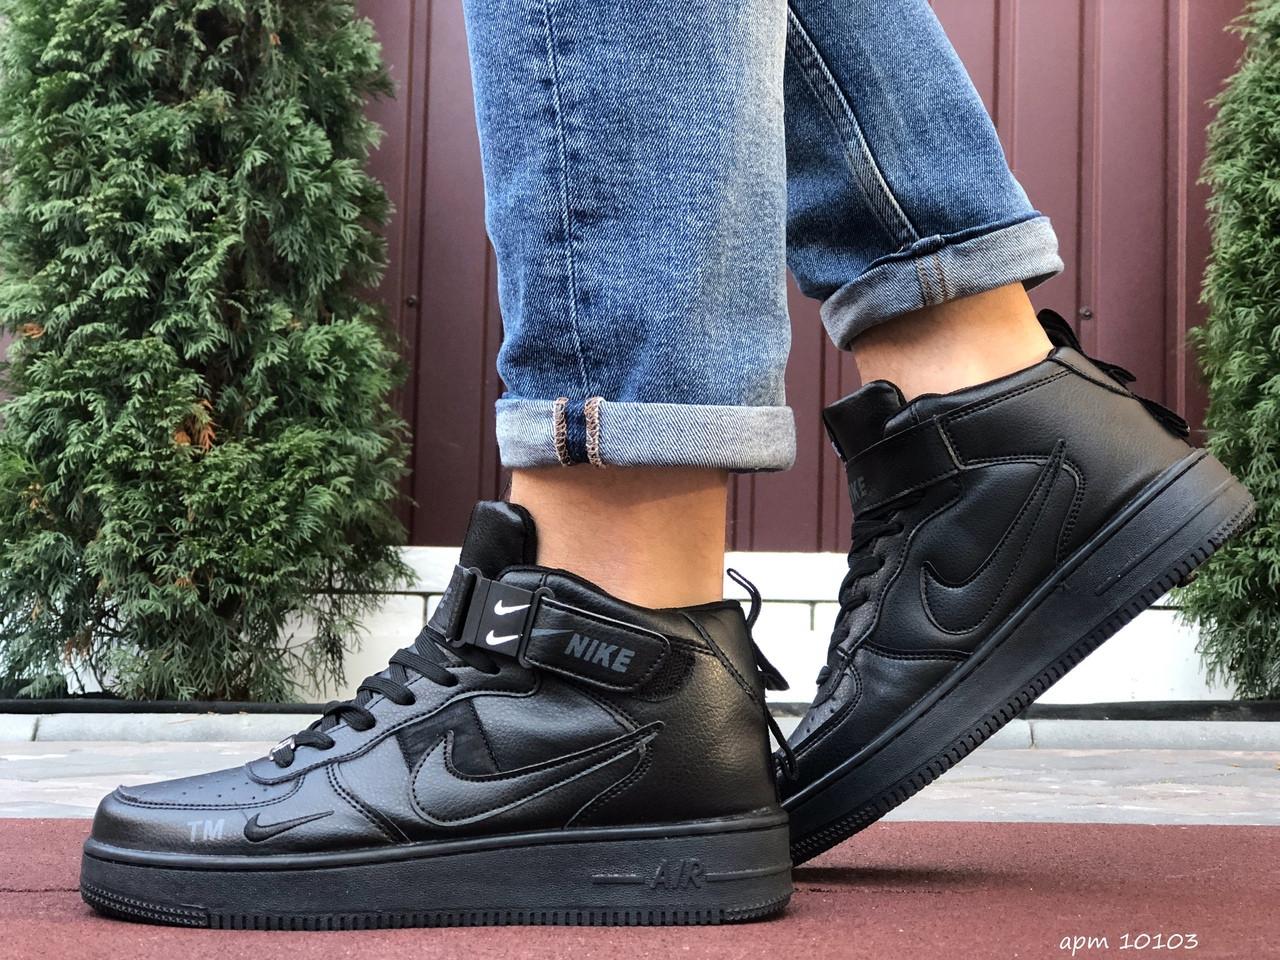 Чоловічі кросівки Nike Air Force (чорні) 10103